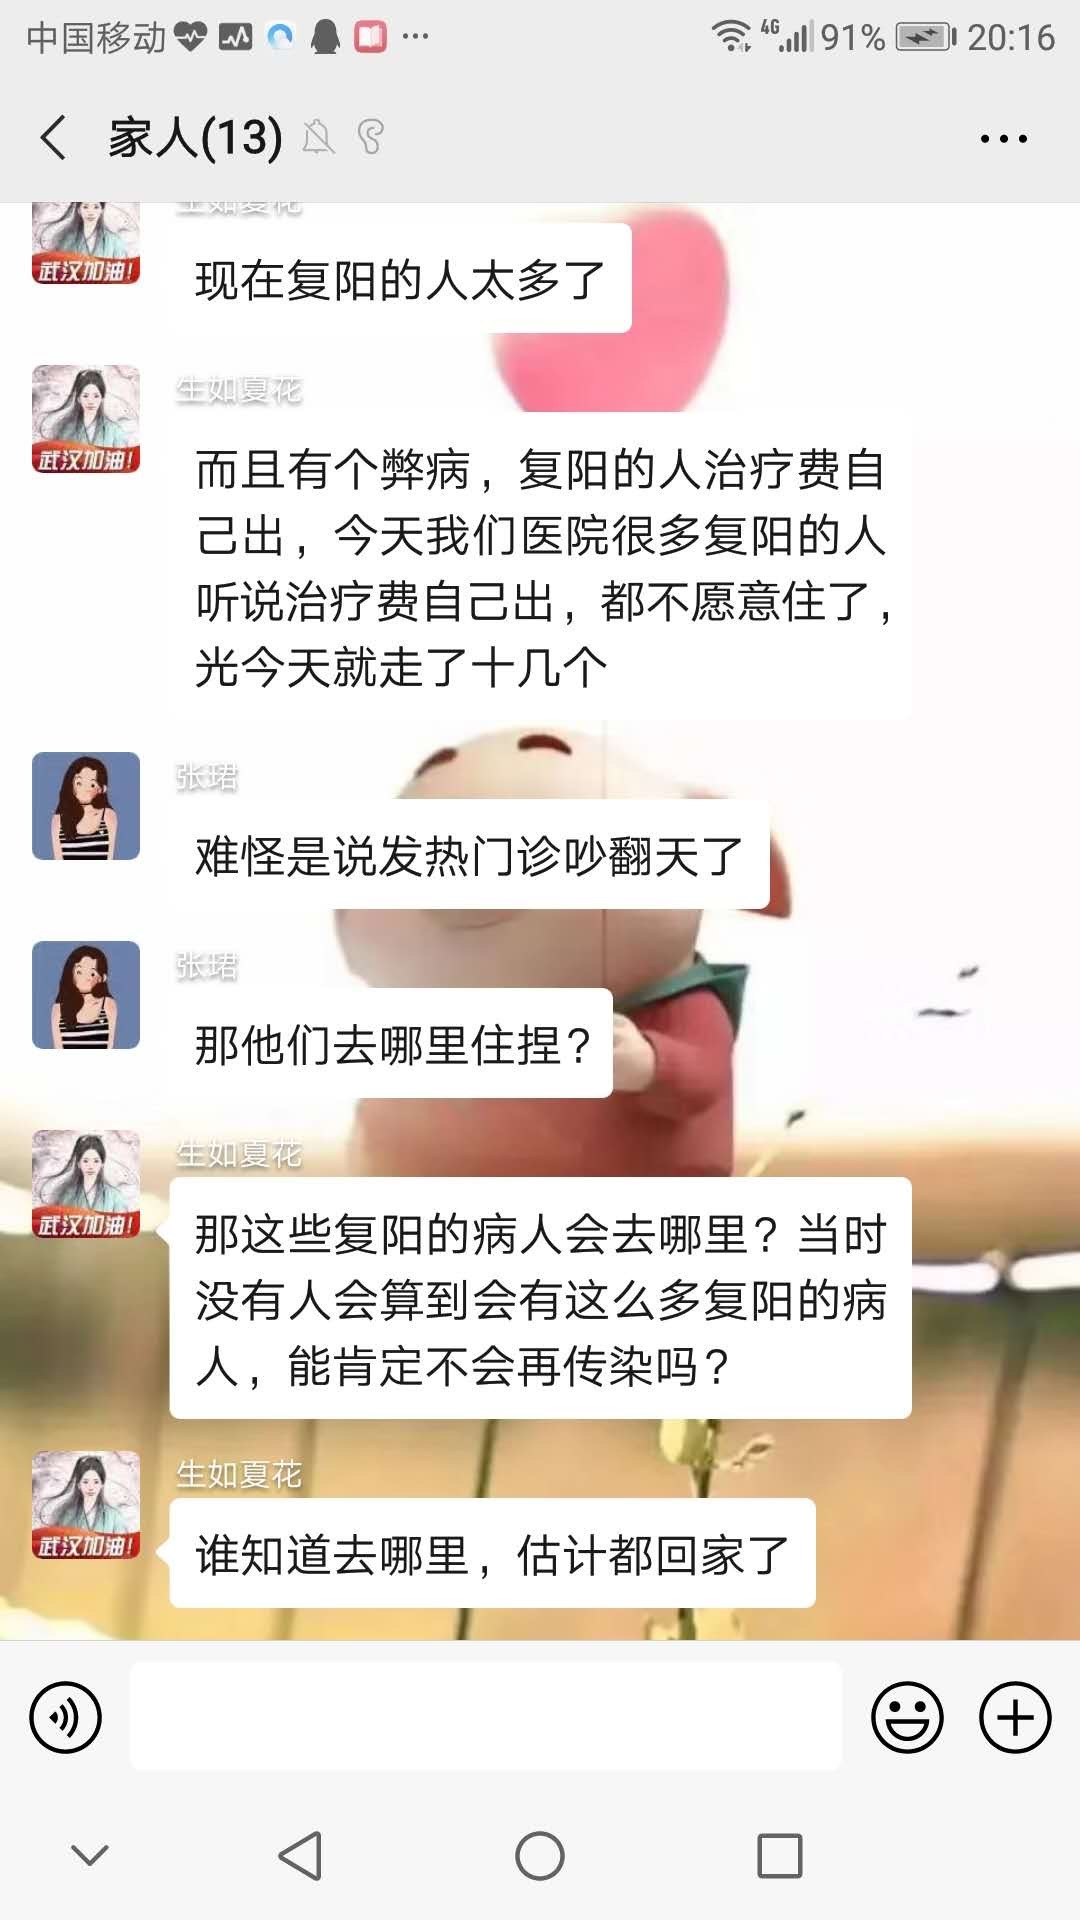 网民在微信抱怨政府借故拒提供免费医疗。(微信截图/乔龙提供)